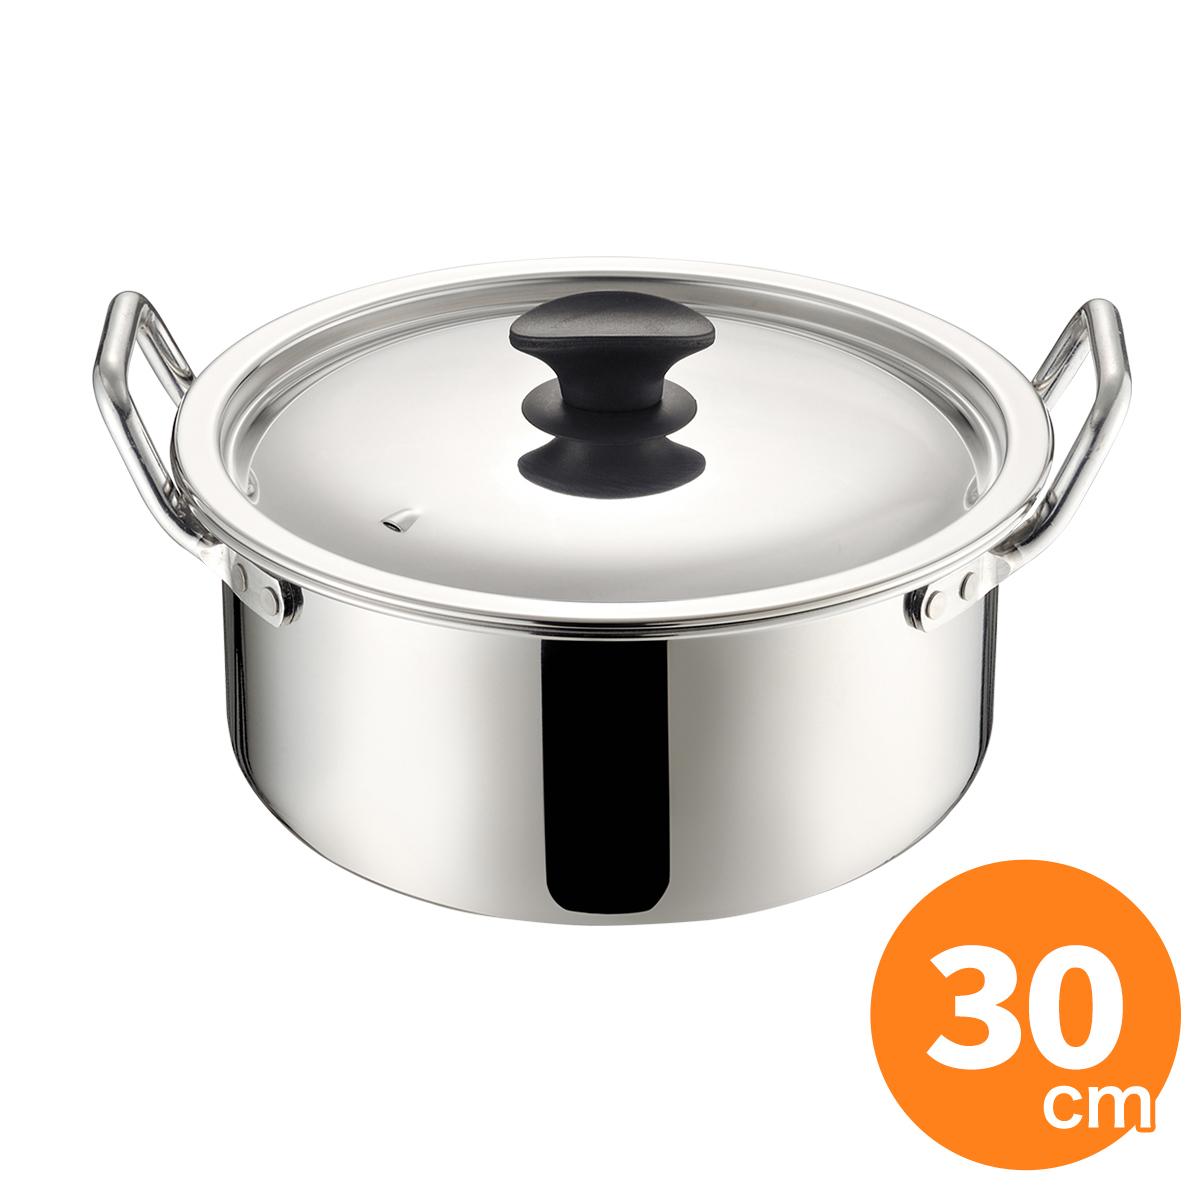 ステンレス製両手鍋 MT ALEプロ&煮込み鍋 30cm IH対応 煮込鍋